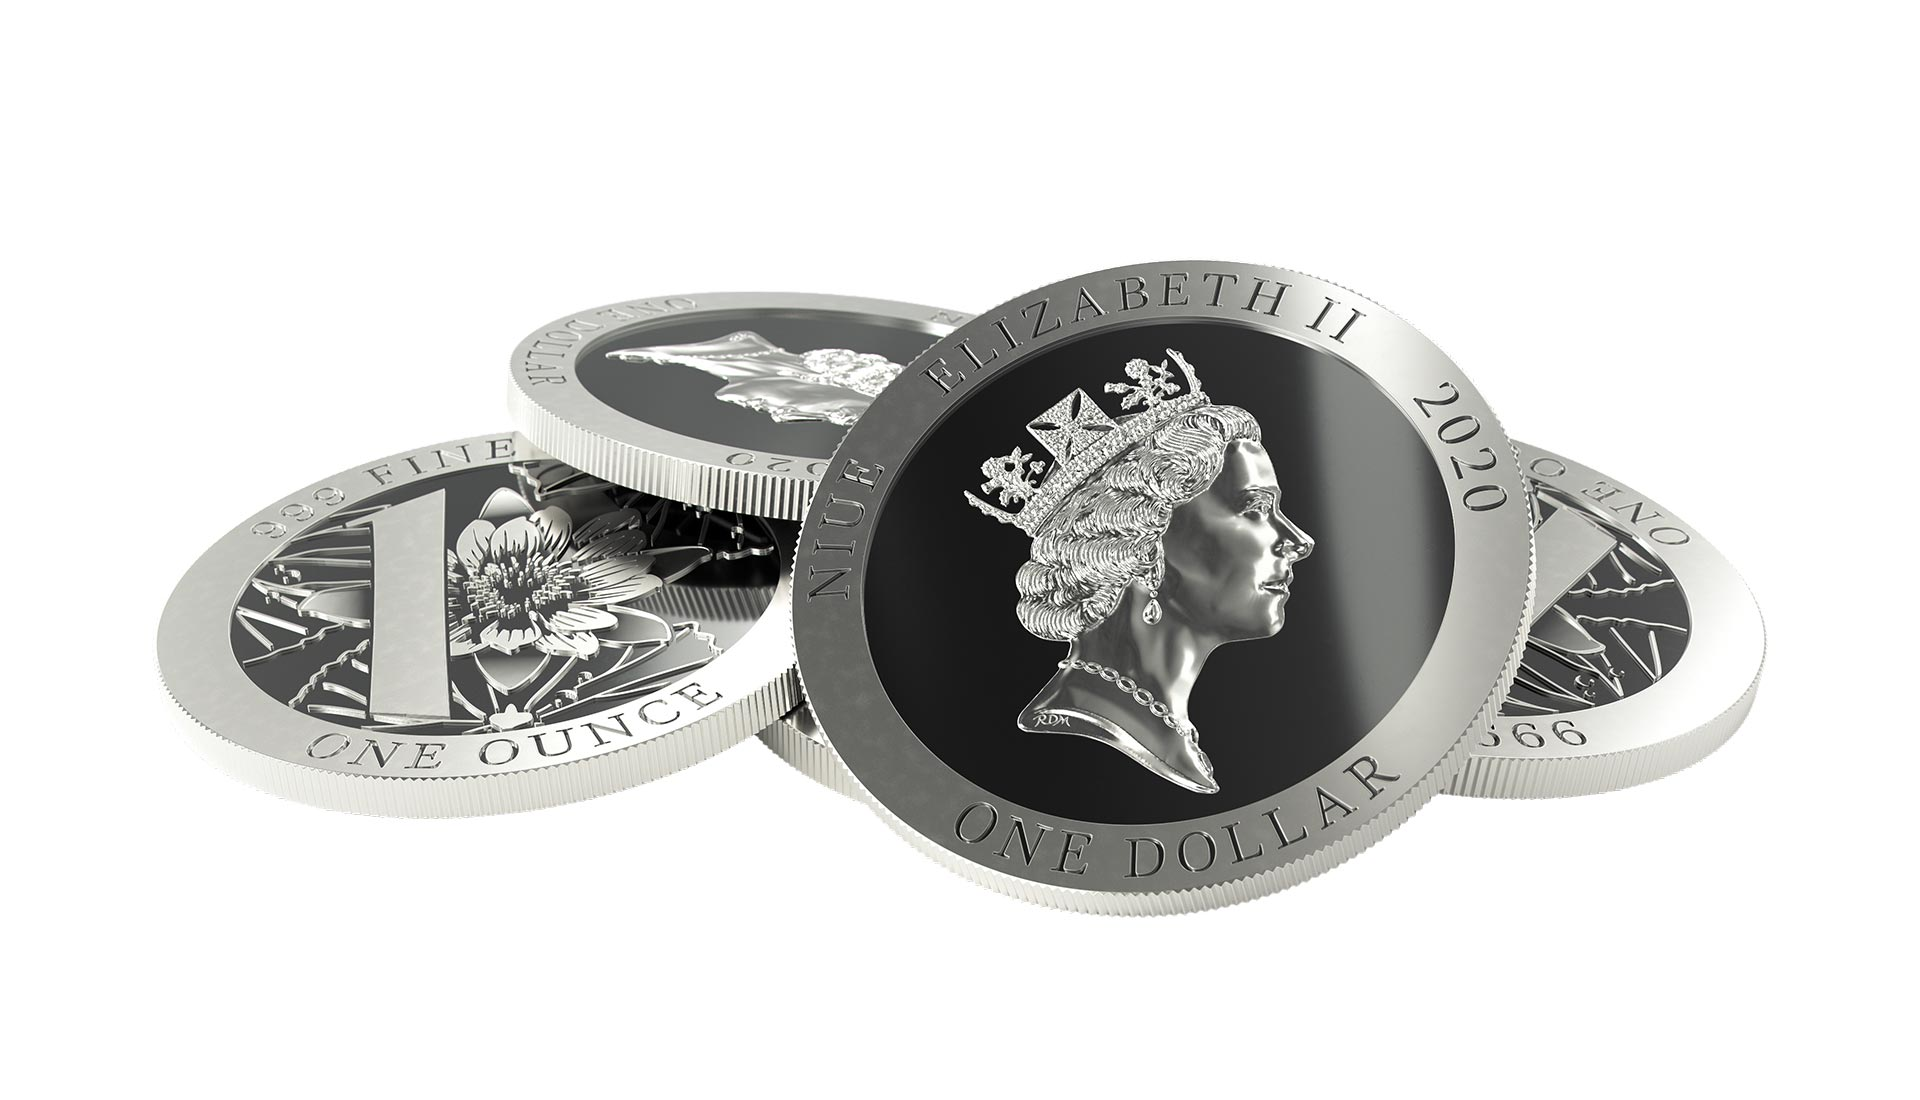 Vera Silver Elizabeth II